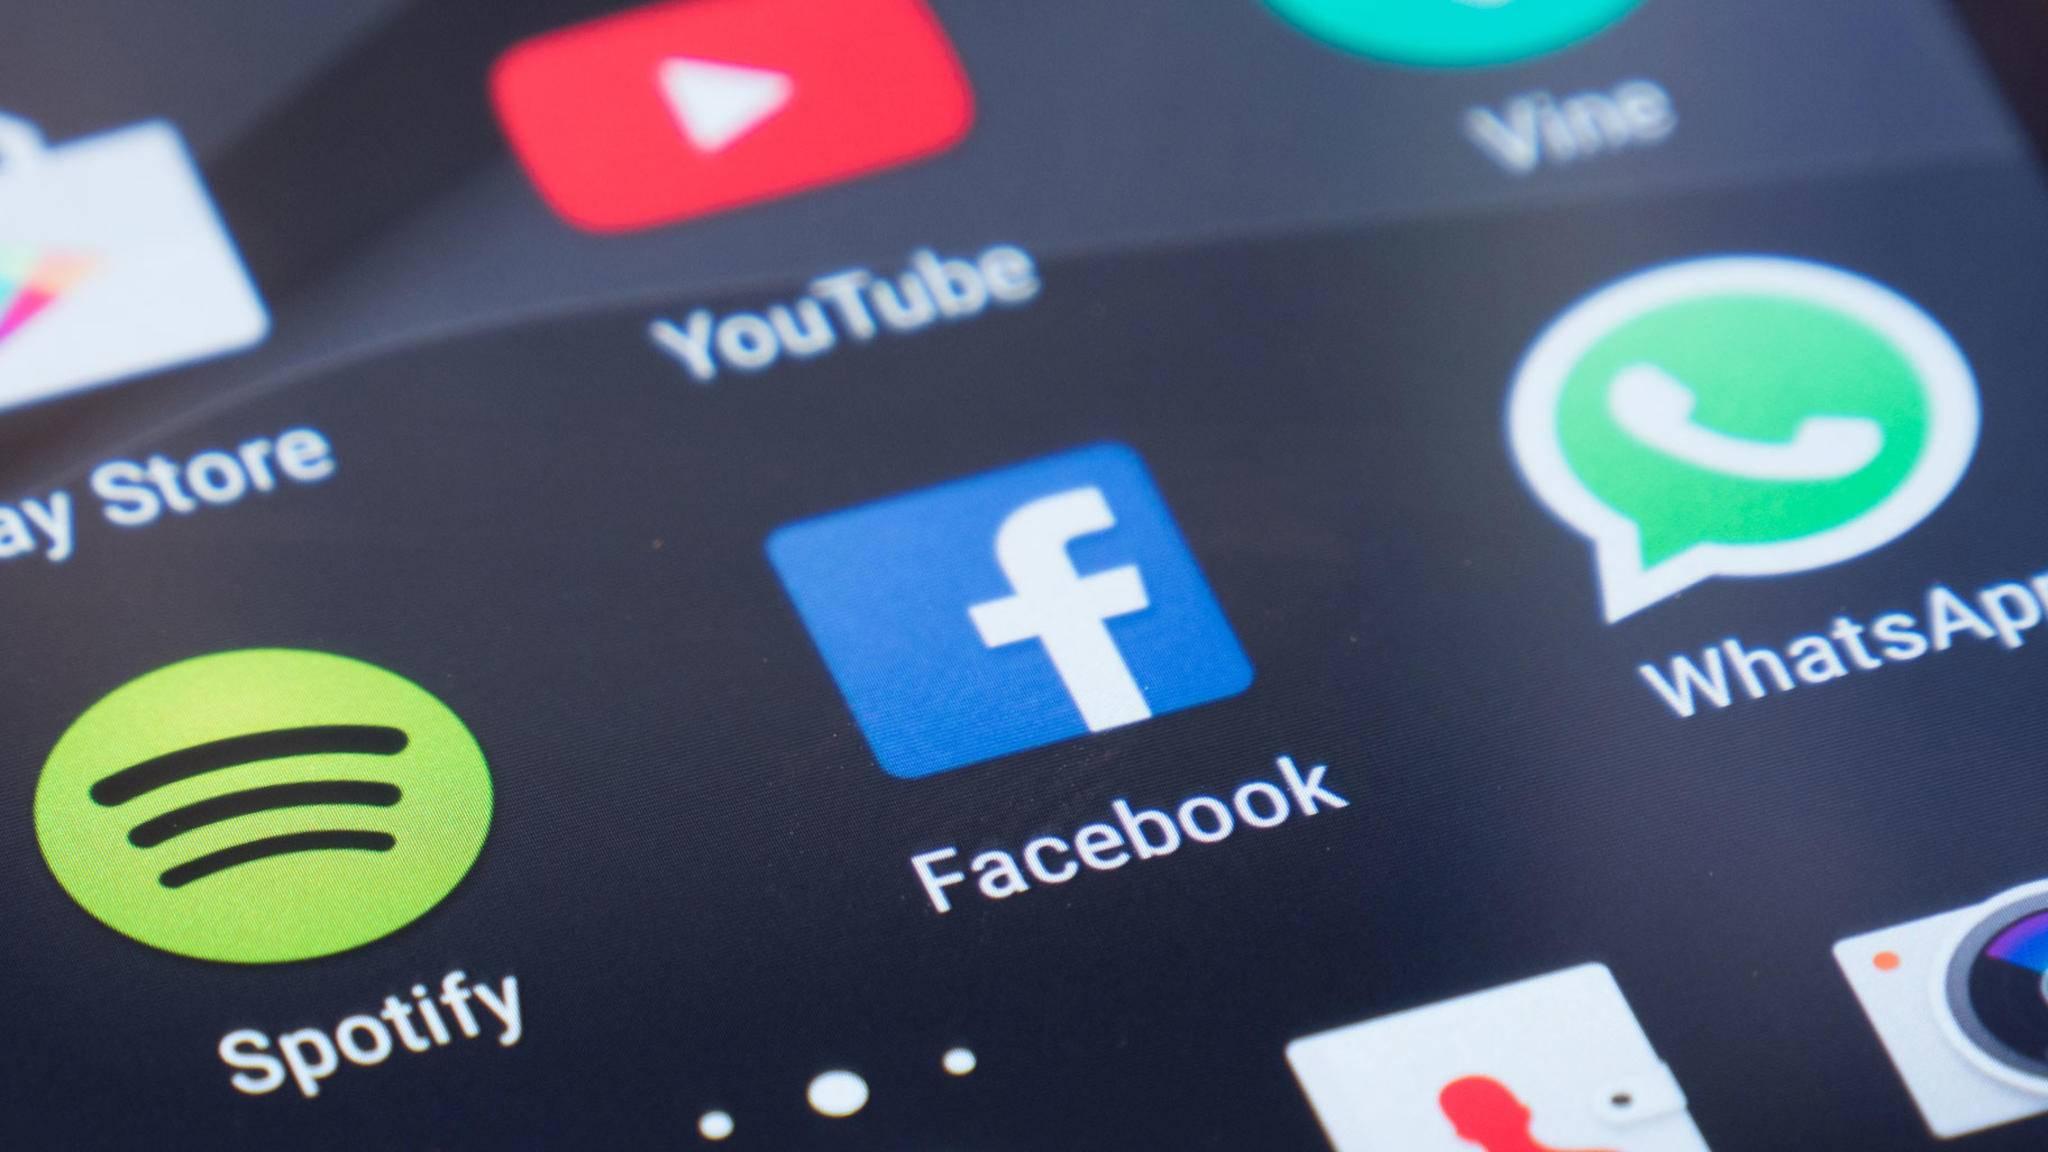 Wir verraten, was Du tun kannst, wenn die Facebook-App nicht funktionieren will.